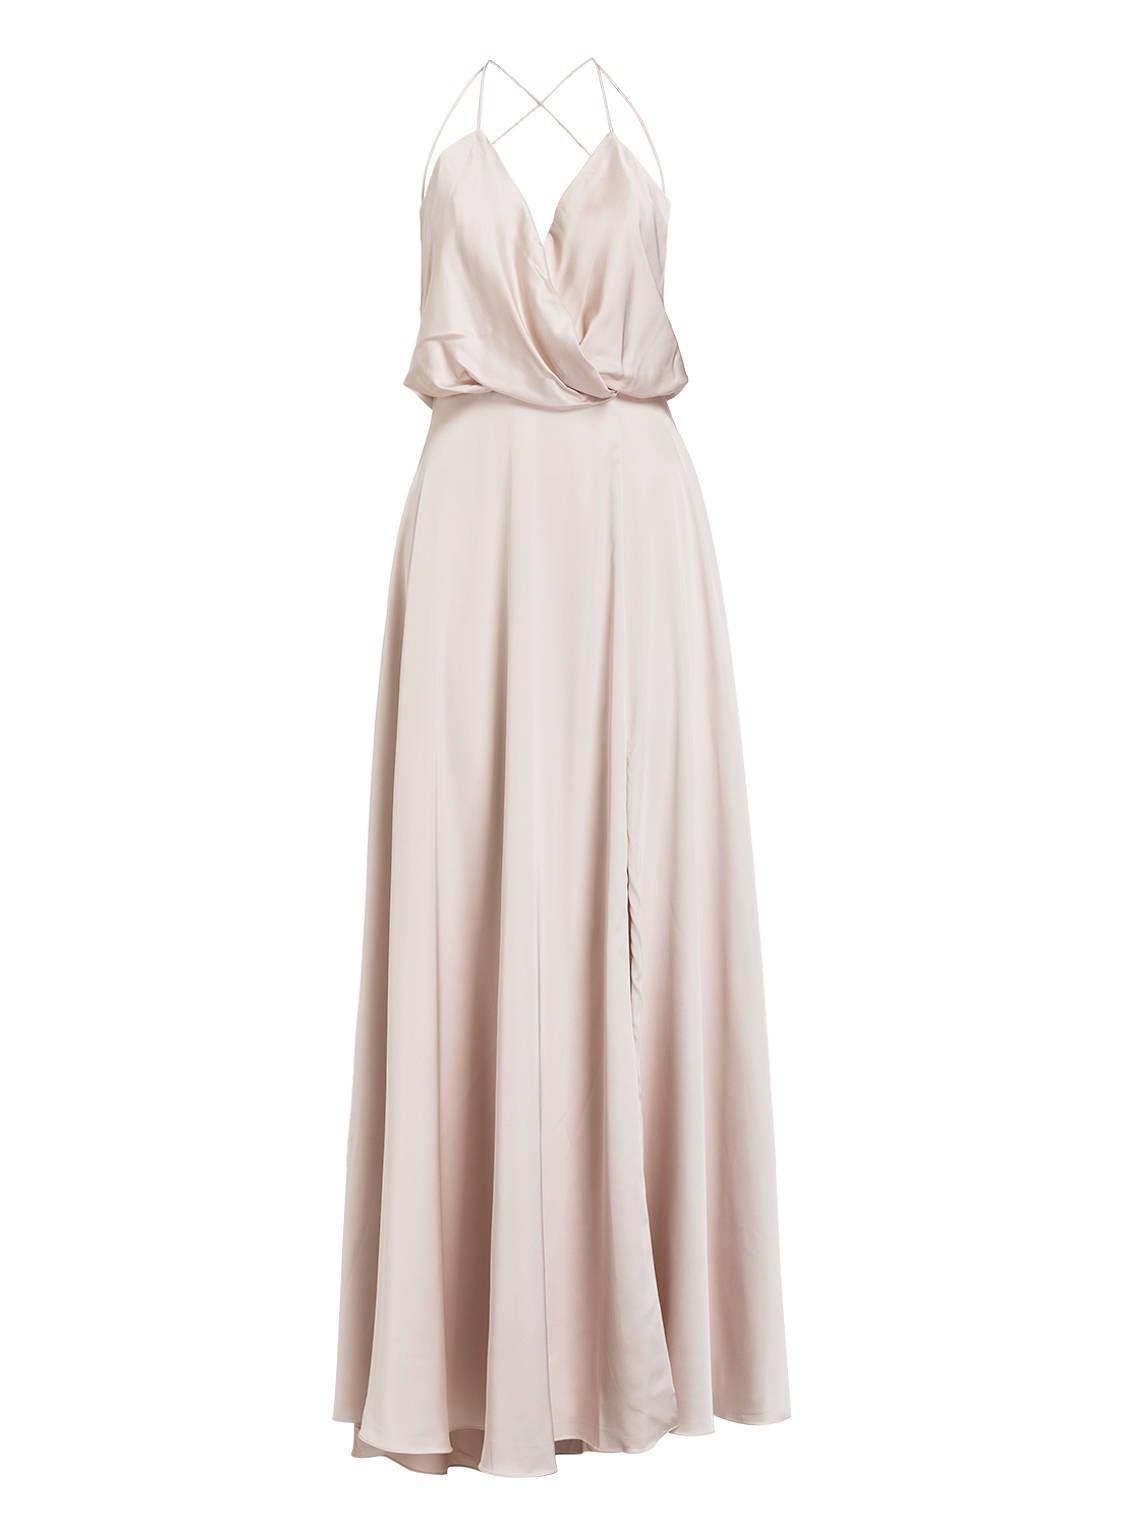 Formal Leicht Breuninger Abendkleid für 9 - Abendkleid